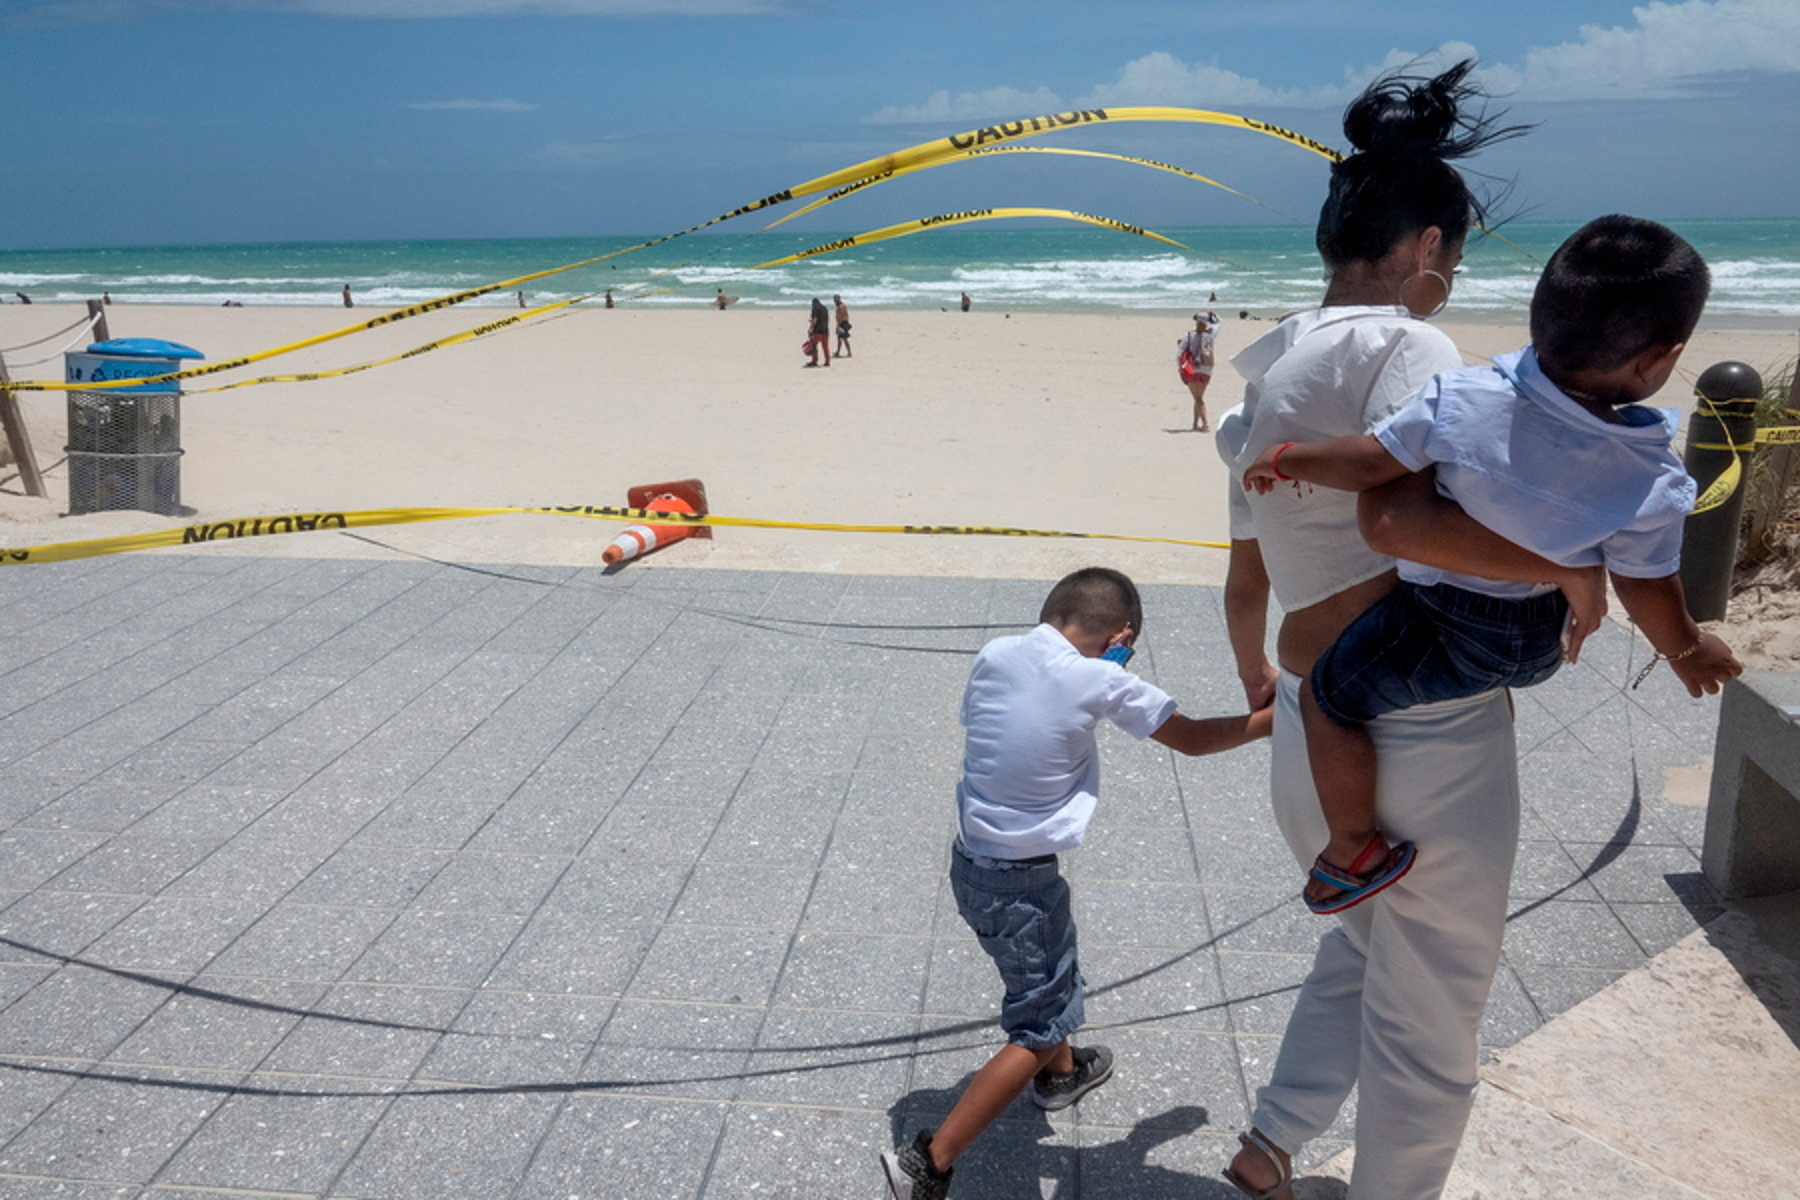 Θρίλερ στις Μπαχάμες: Γυναίκα βρήκε σε παραλία μπάλα τιτανίου που έπεσε από το διάστημα